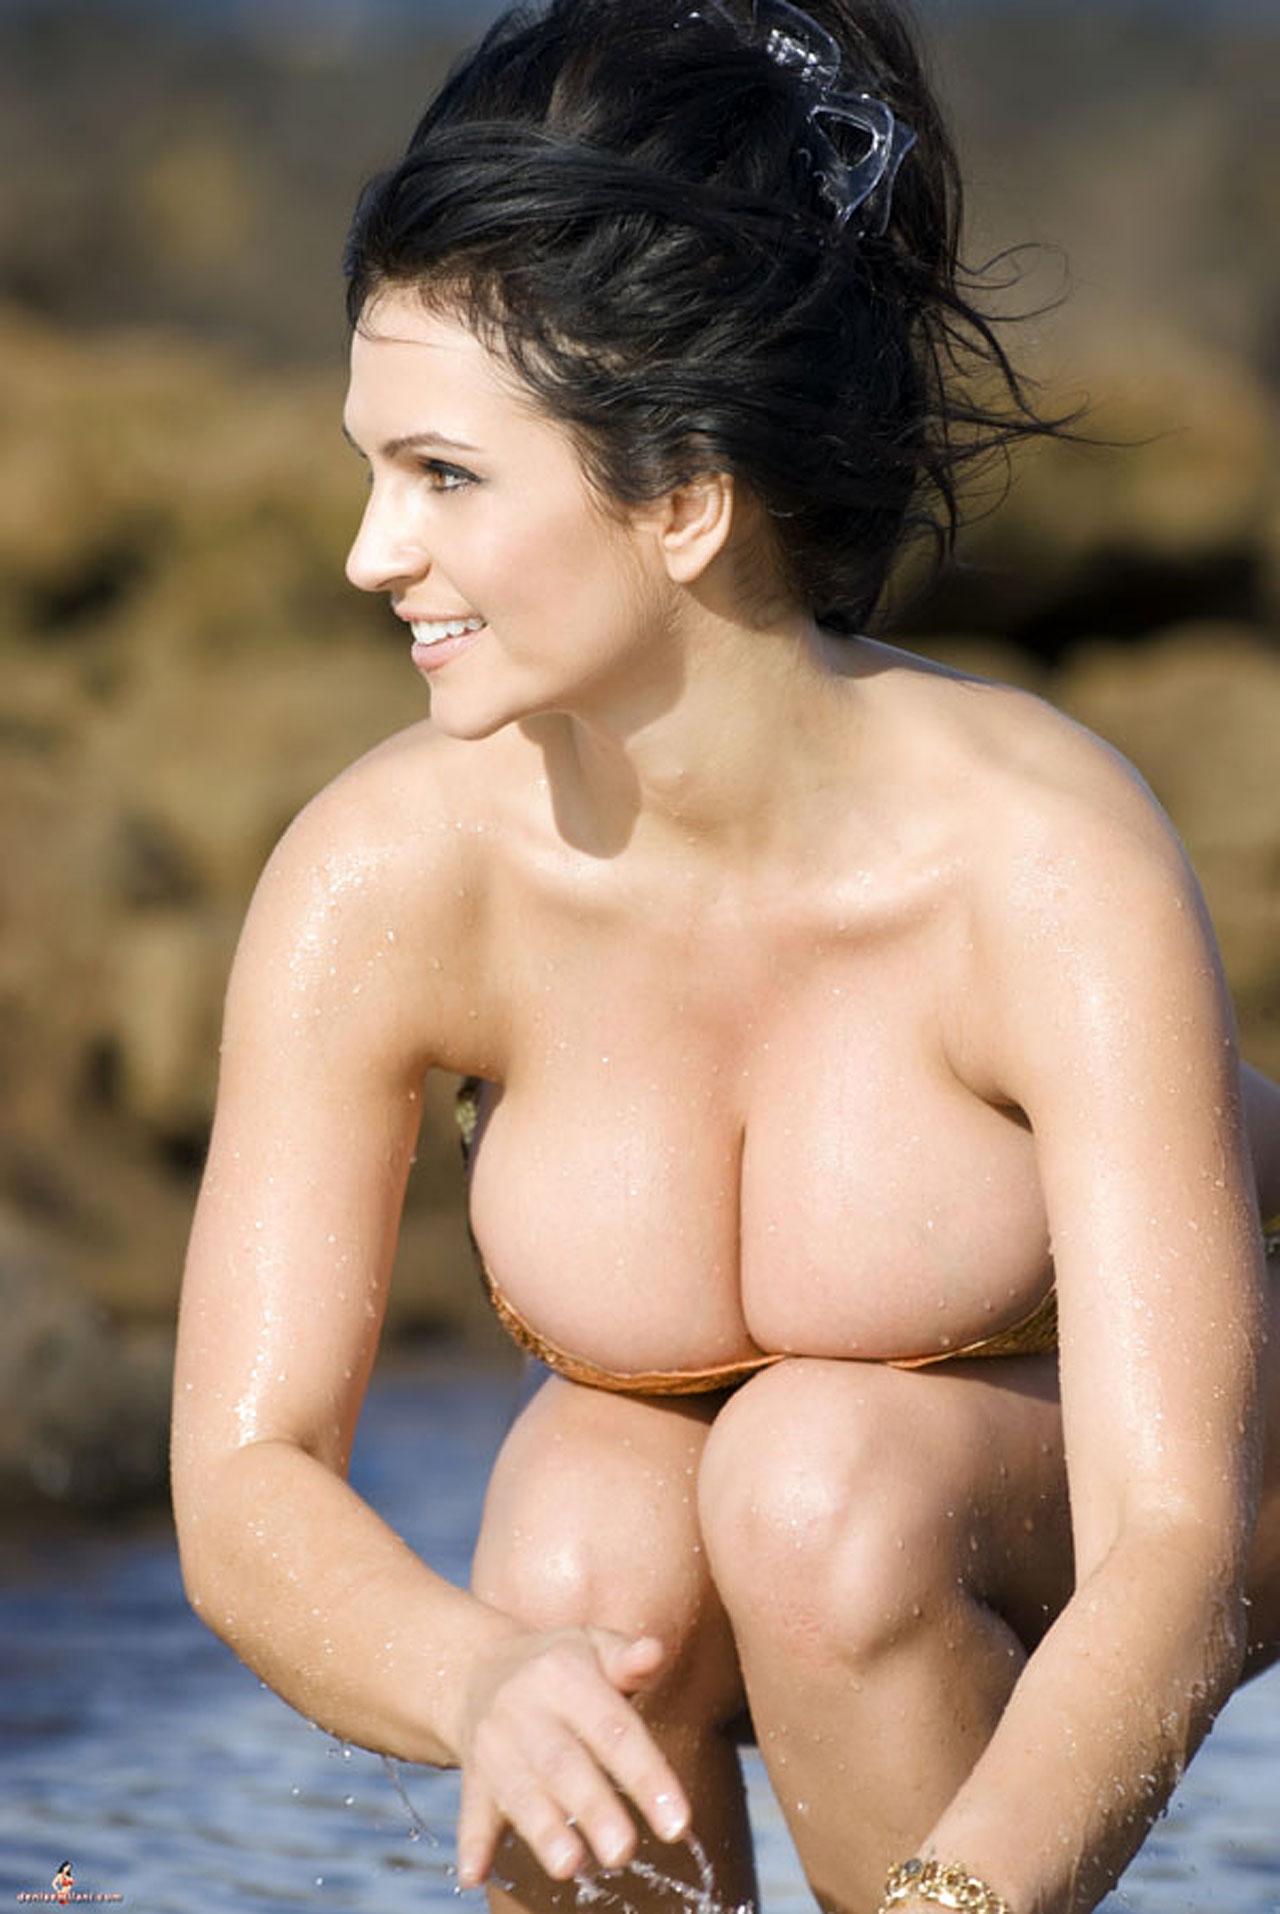 denisse-milani-nude-pussy-monique-senna-hot-pictures